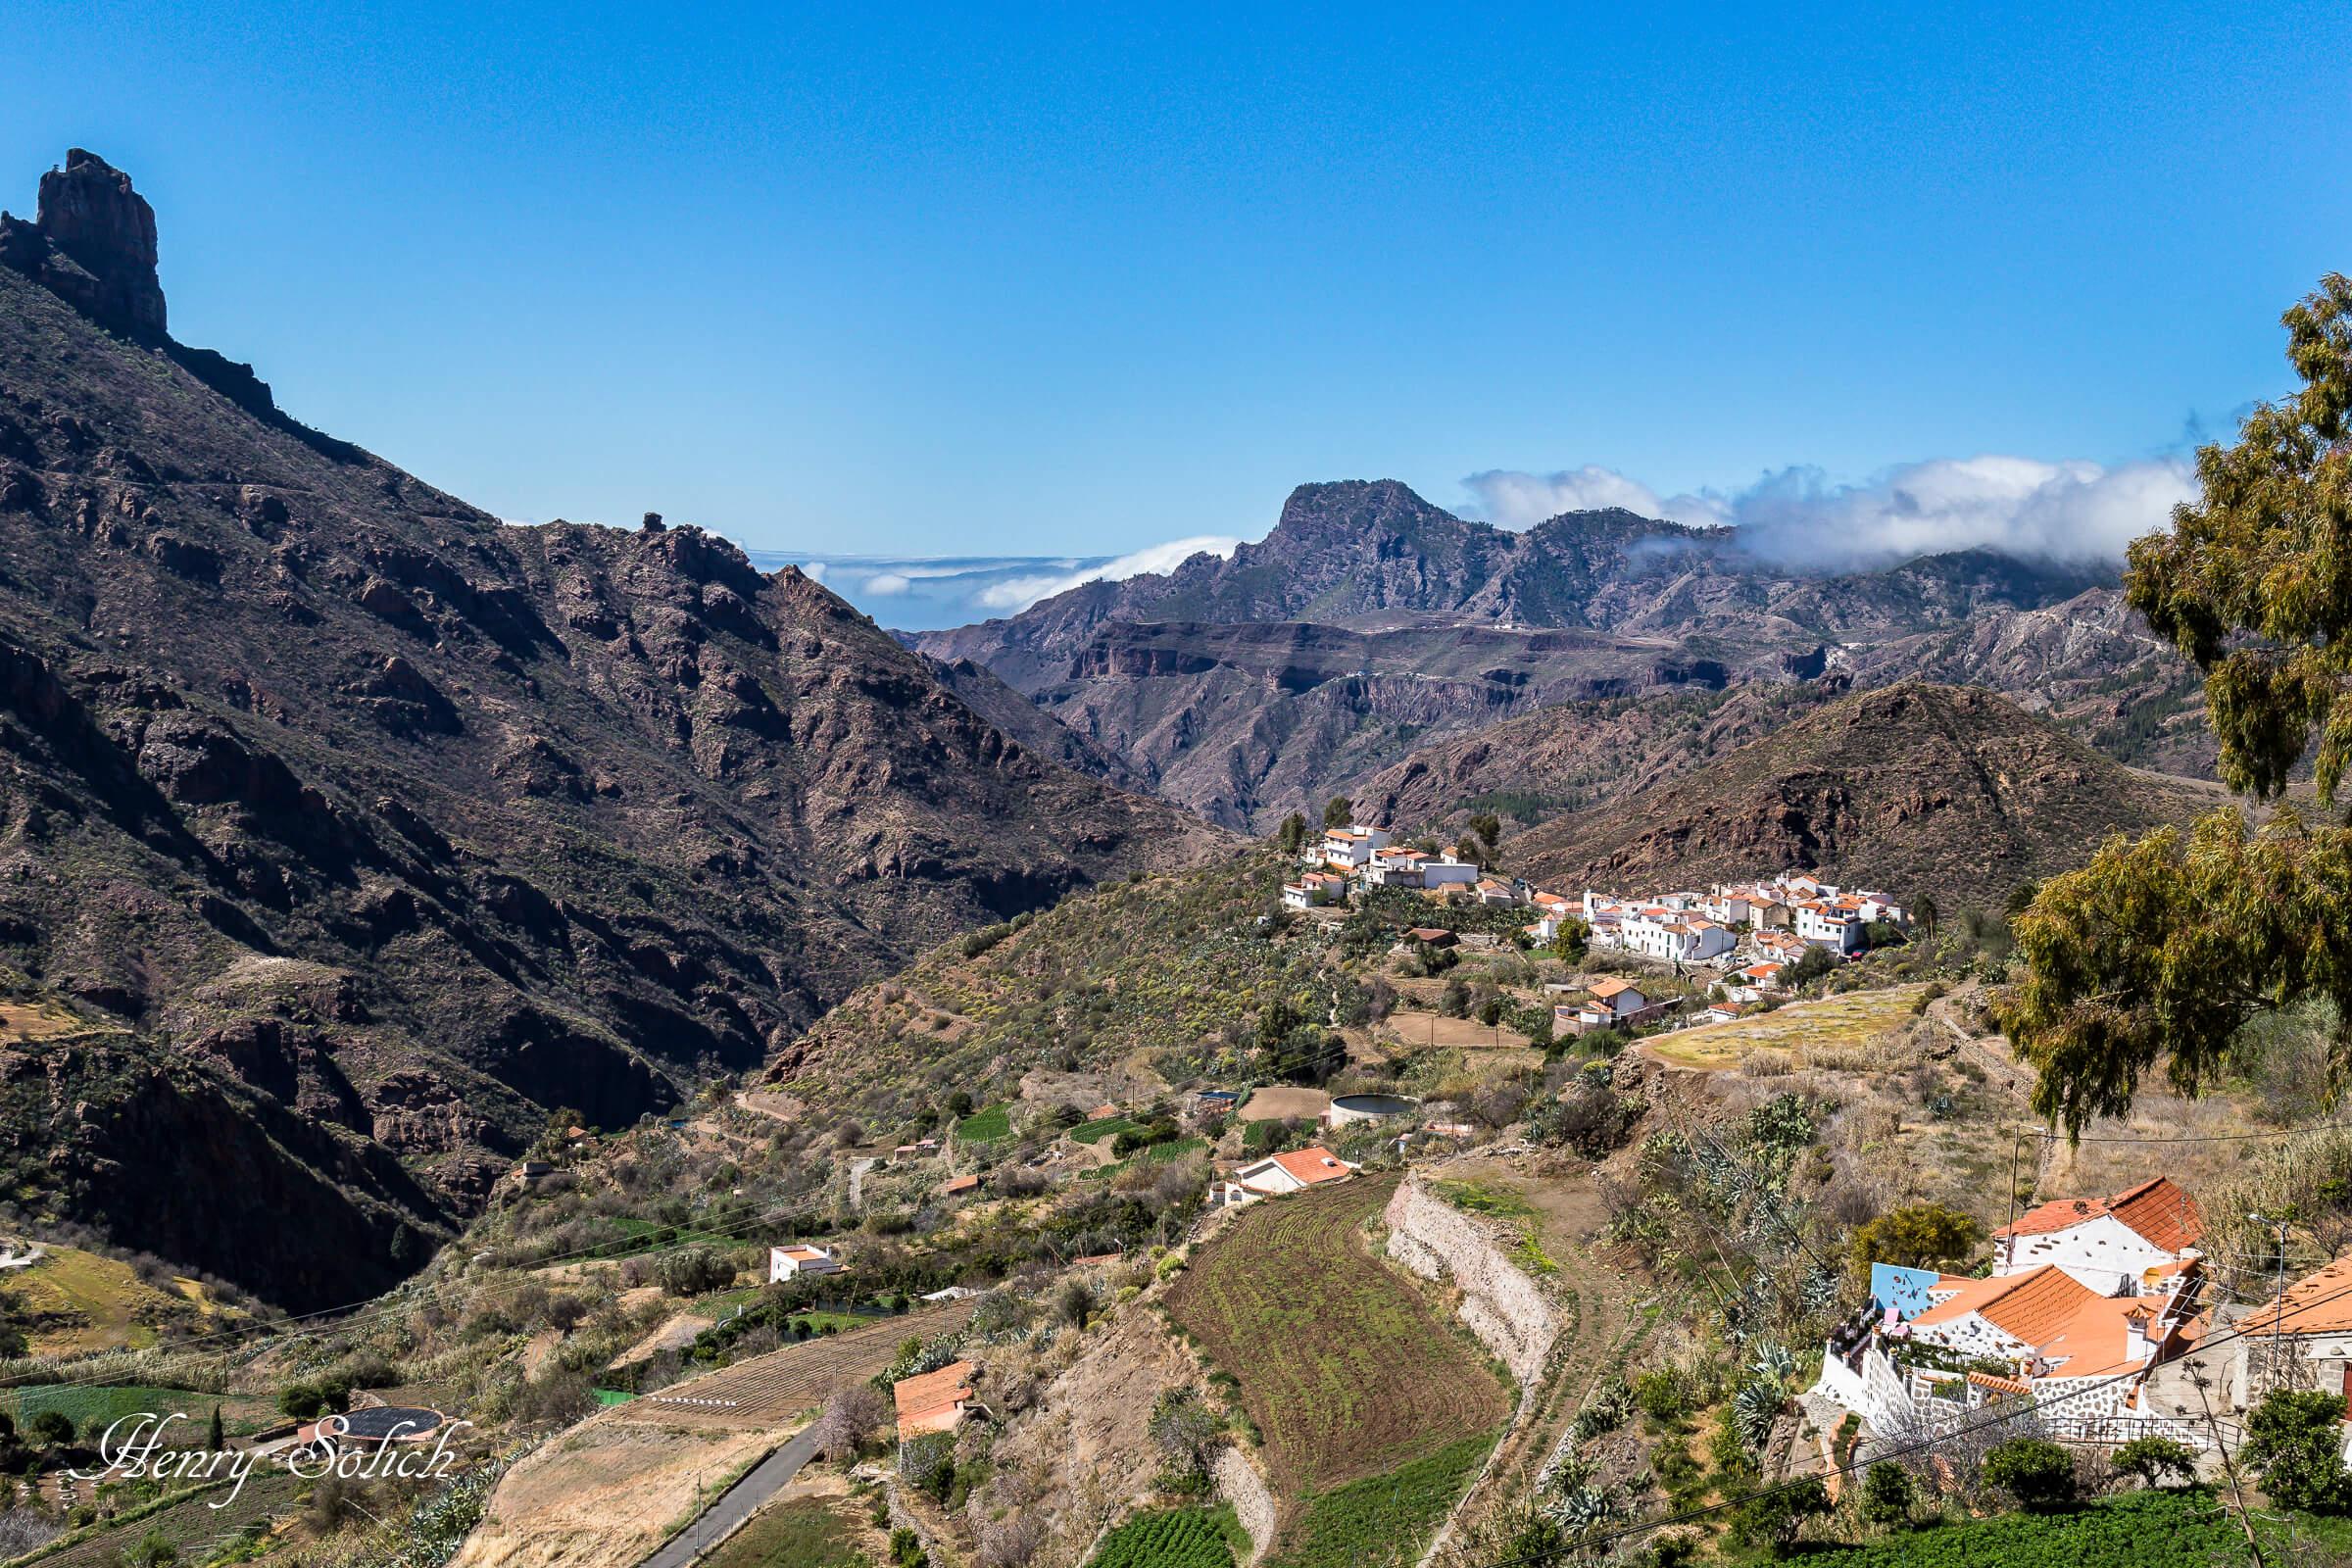 Ceux qui choisissent Gran Canaria, se plairont à déambuler dans les ruelles étroites du centre historique de Las Palmas de Gran Canaria et à se ressourcer au cœur du village de Tejada.